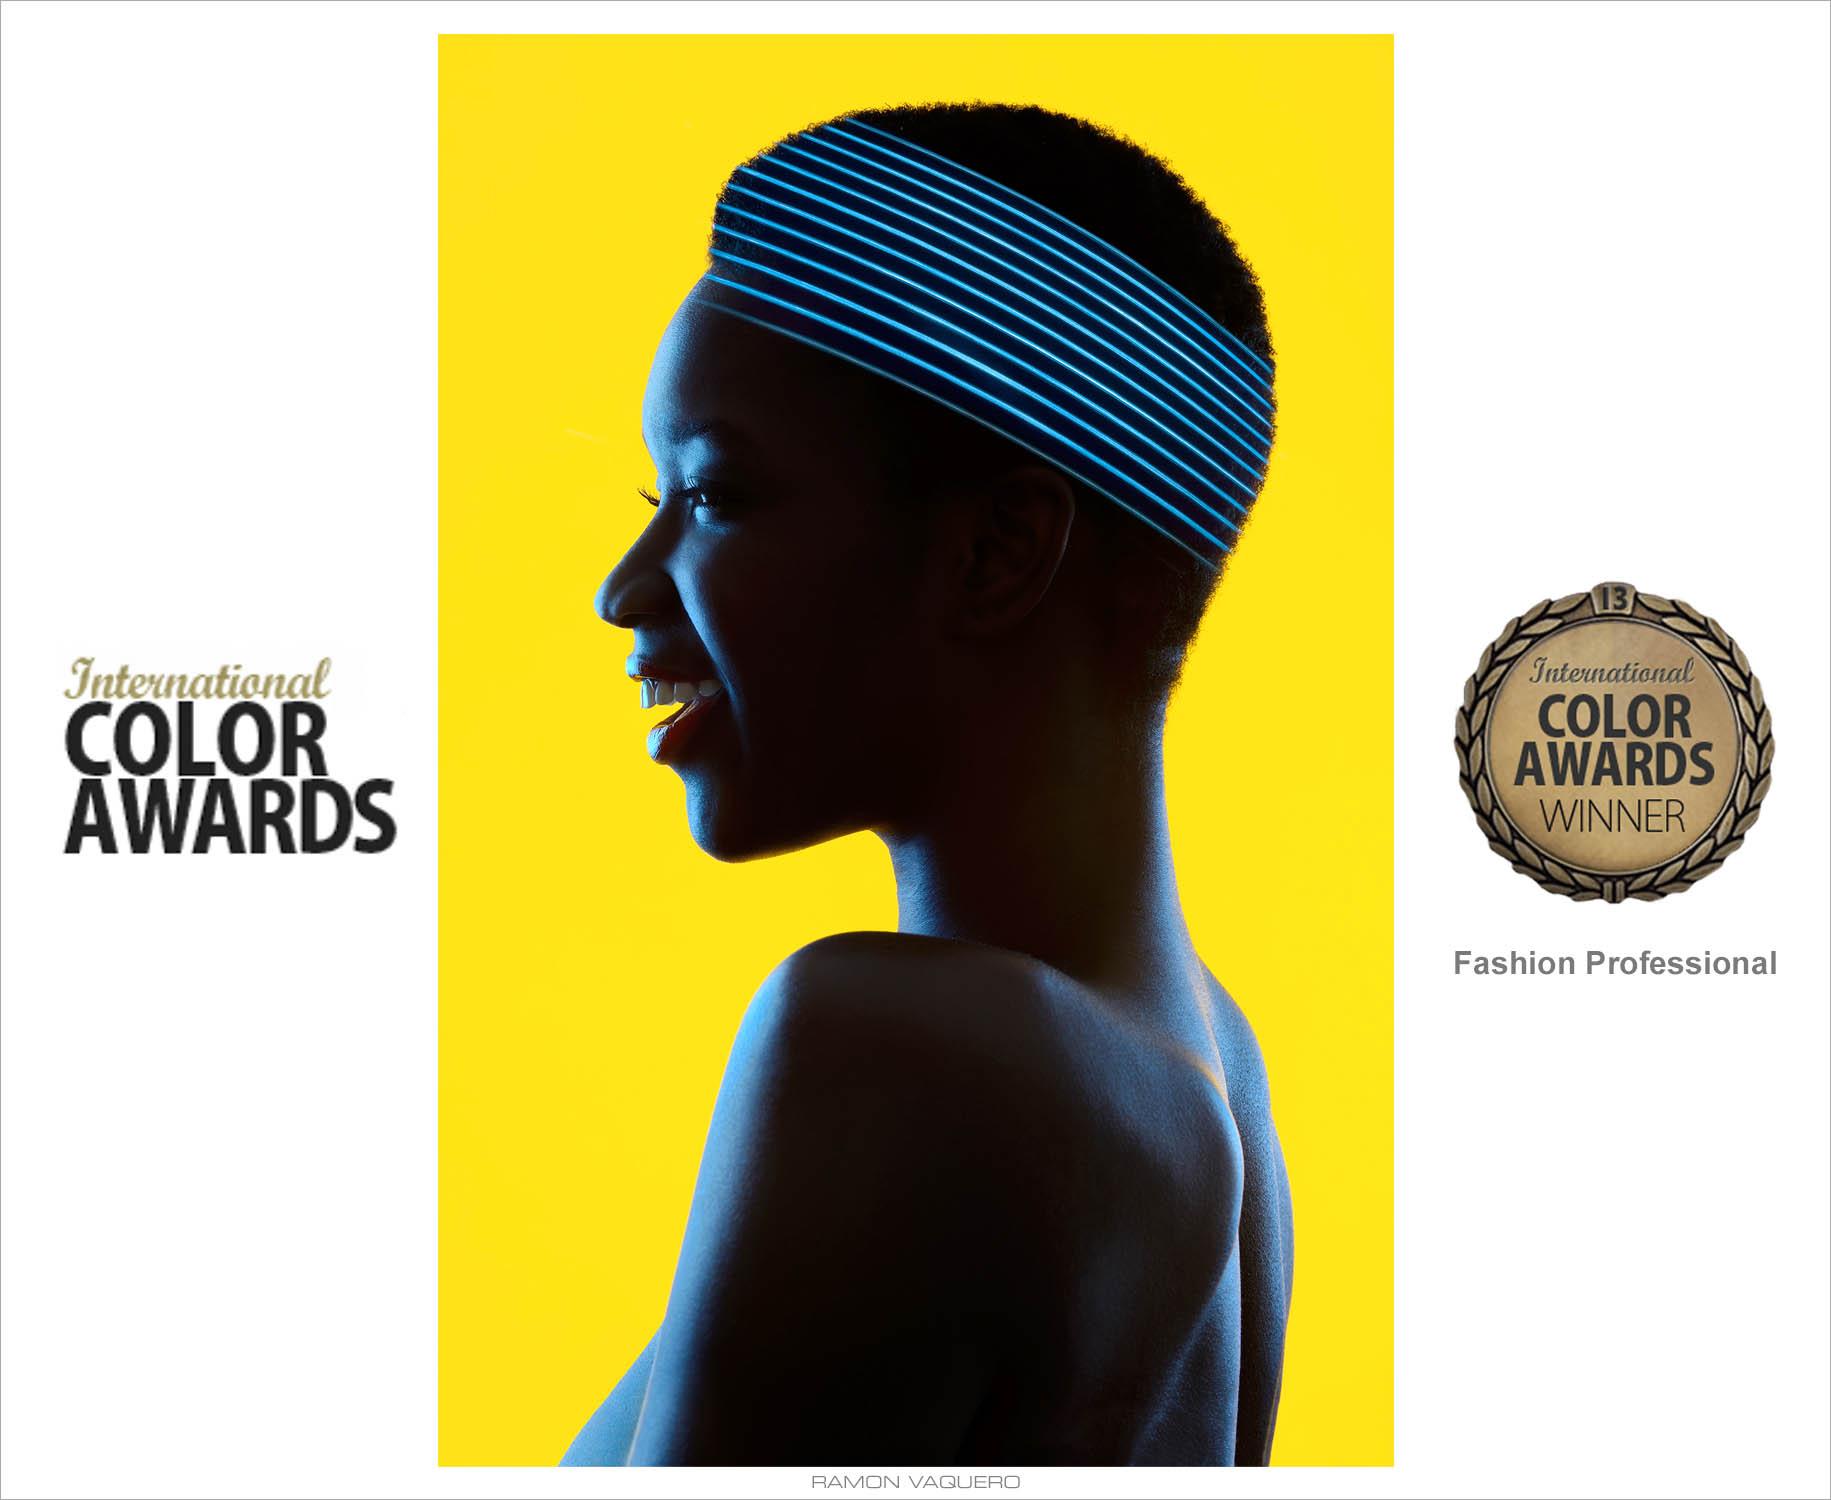 lighting-hat_ramon vaquero_colorawards_2020_fashion